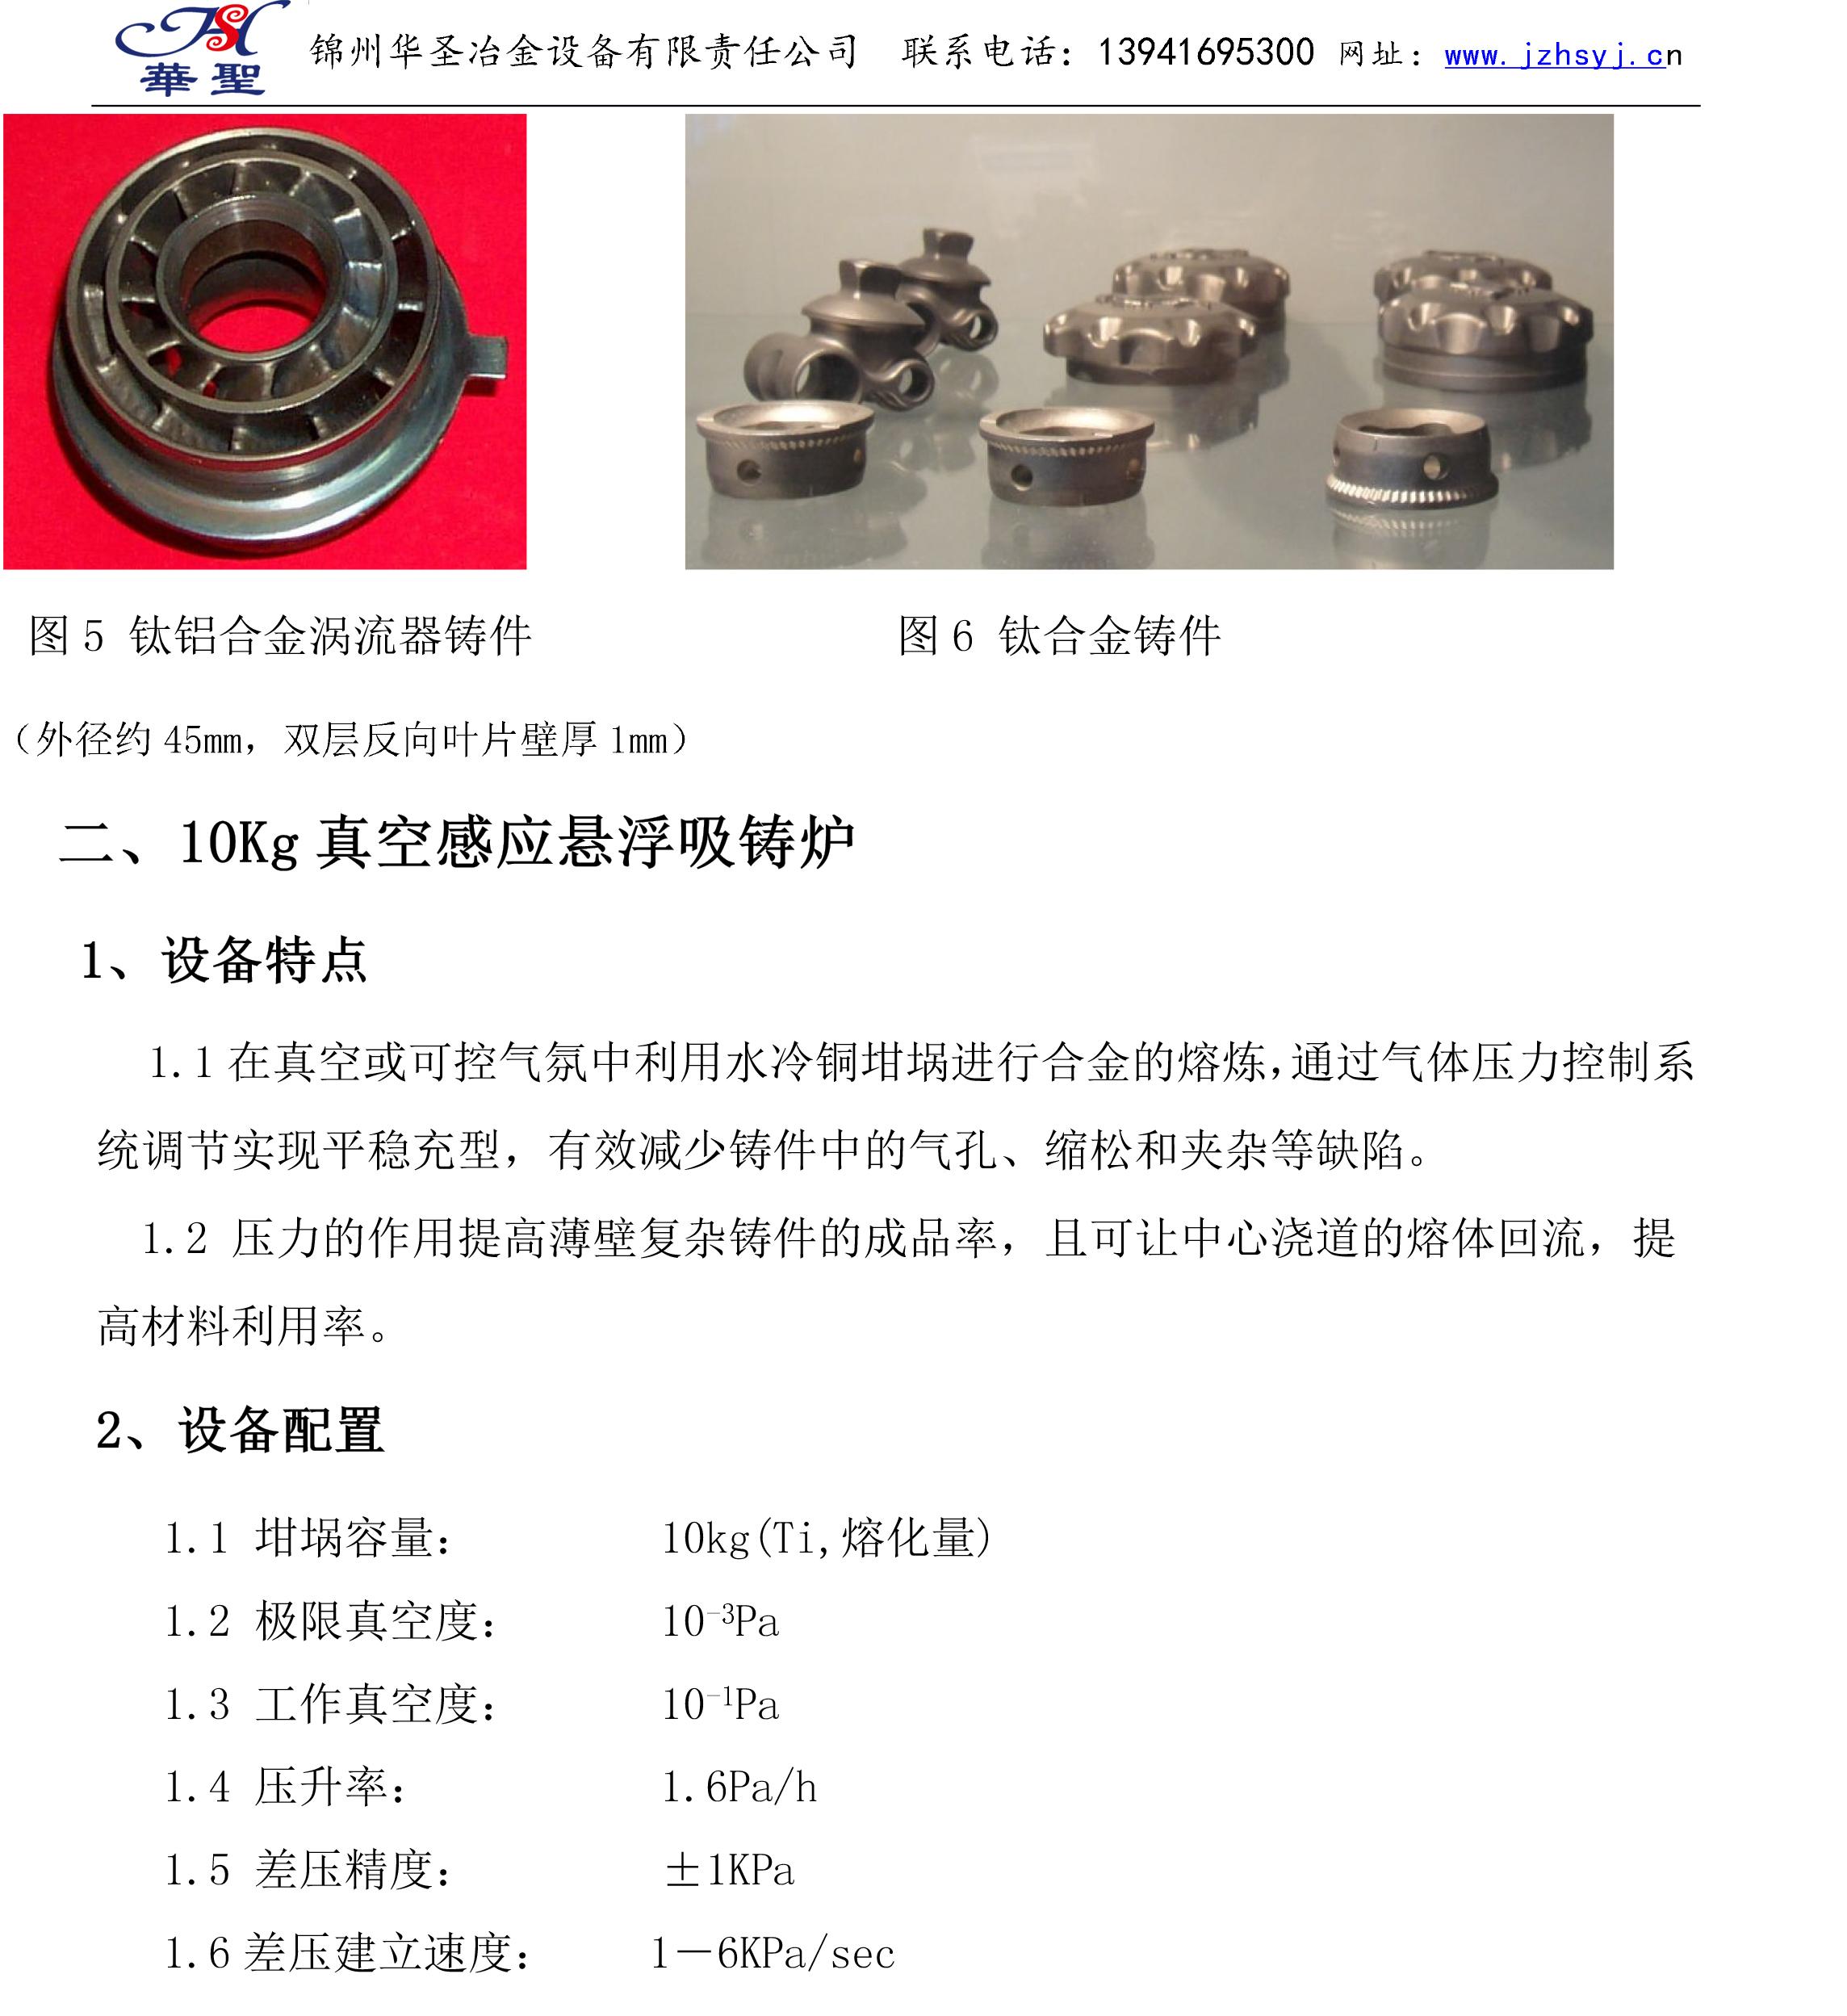 悬浮炉设备及产品介绍20180718-3.jpg